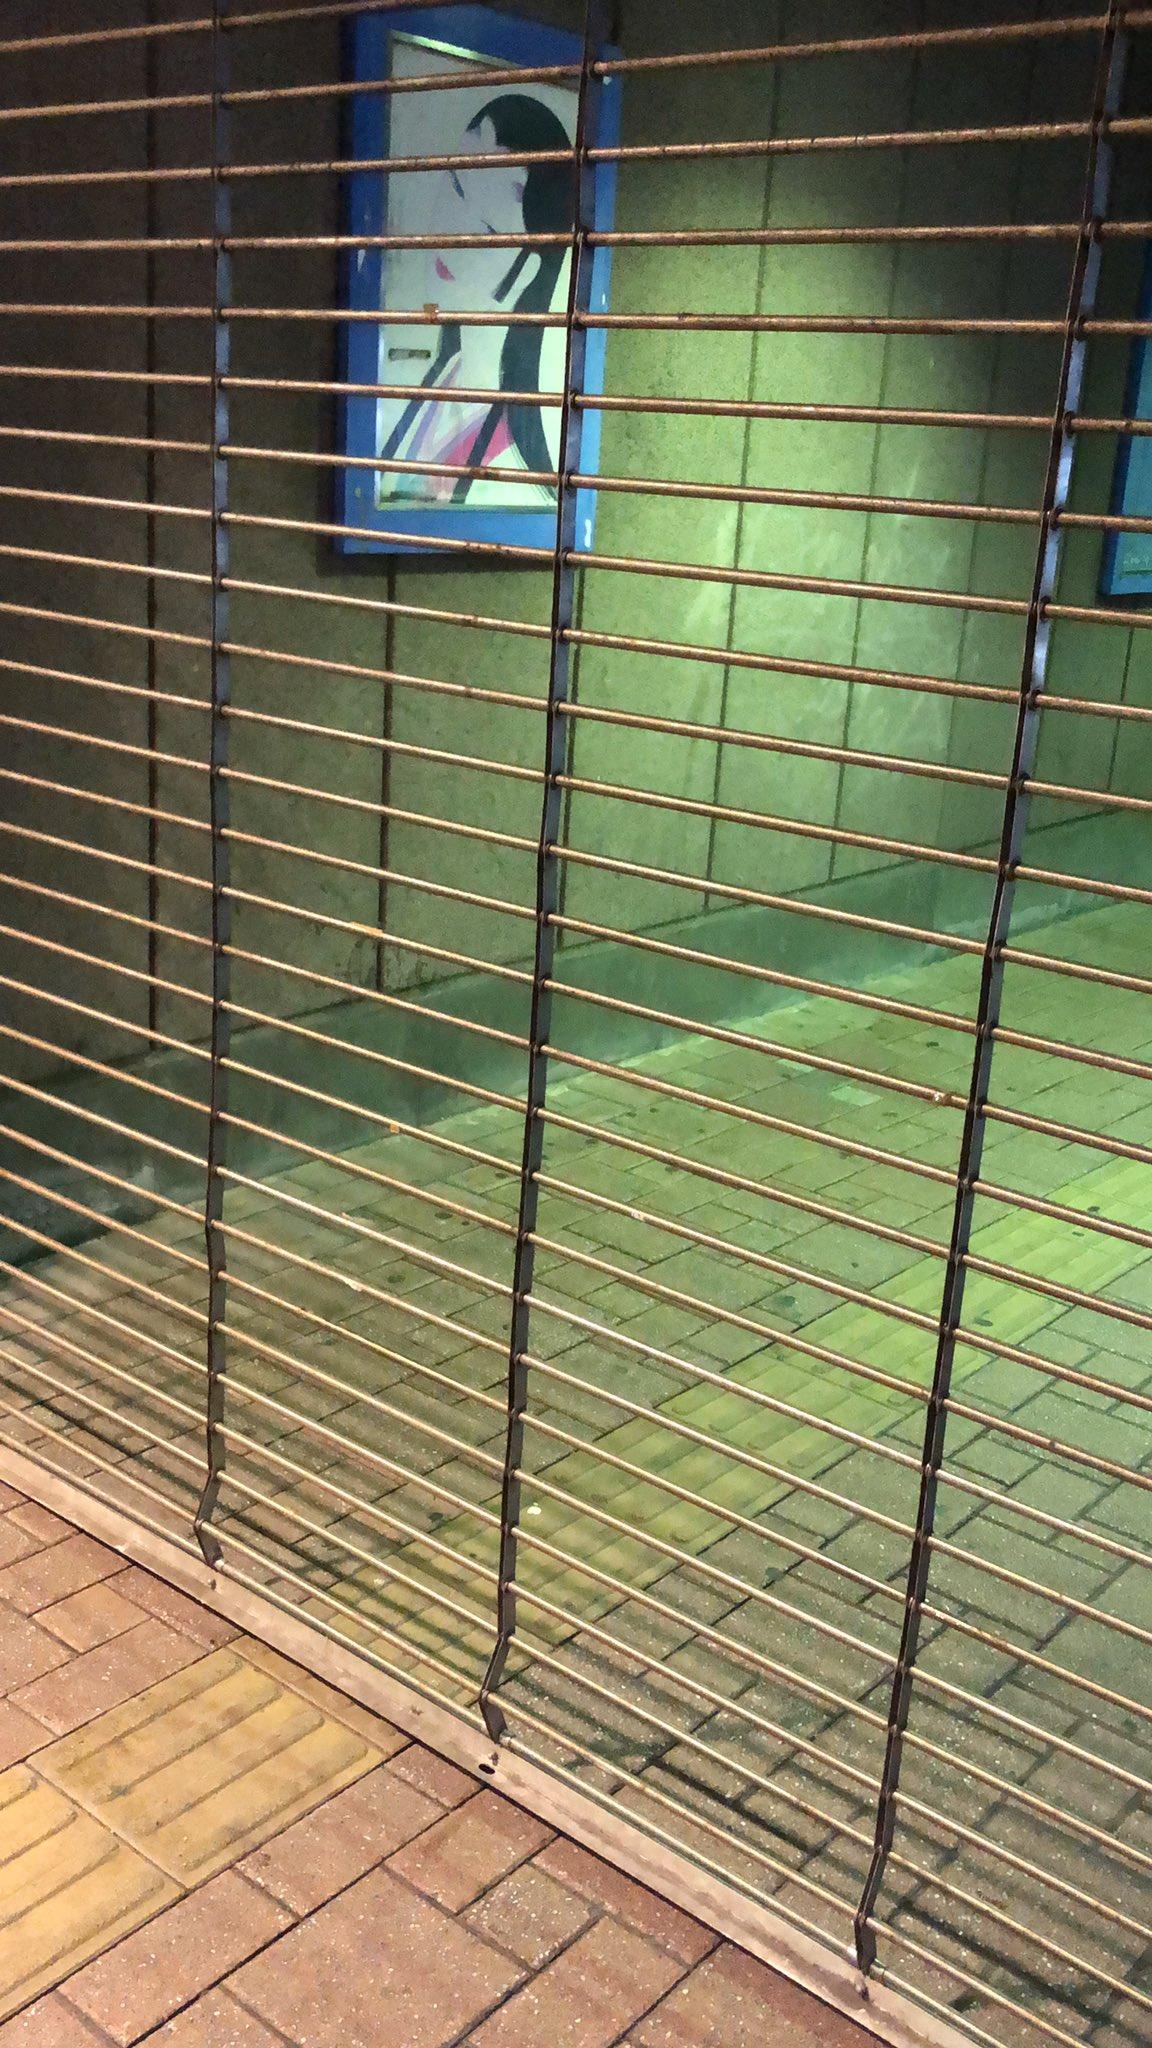 【駅に軟禁】男性が終電後の藤崎宮前駅に閉じ込められる 駅員が意図的に施錠し嫌がらせか